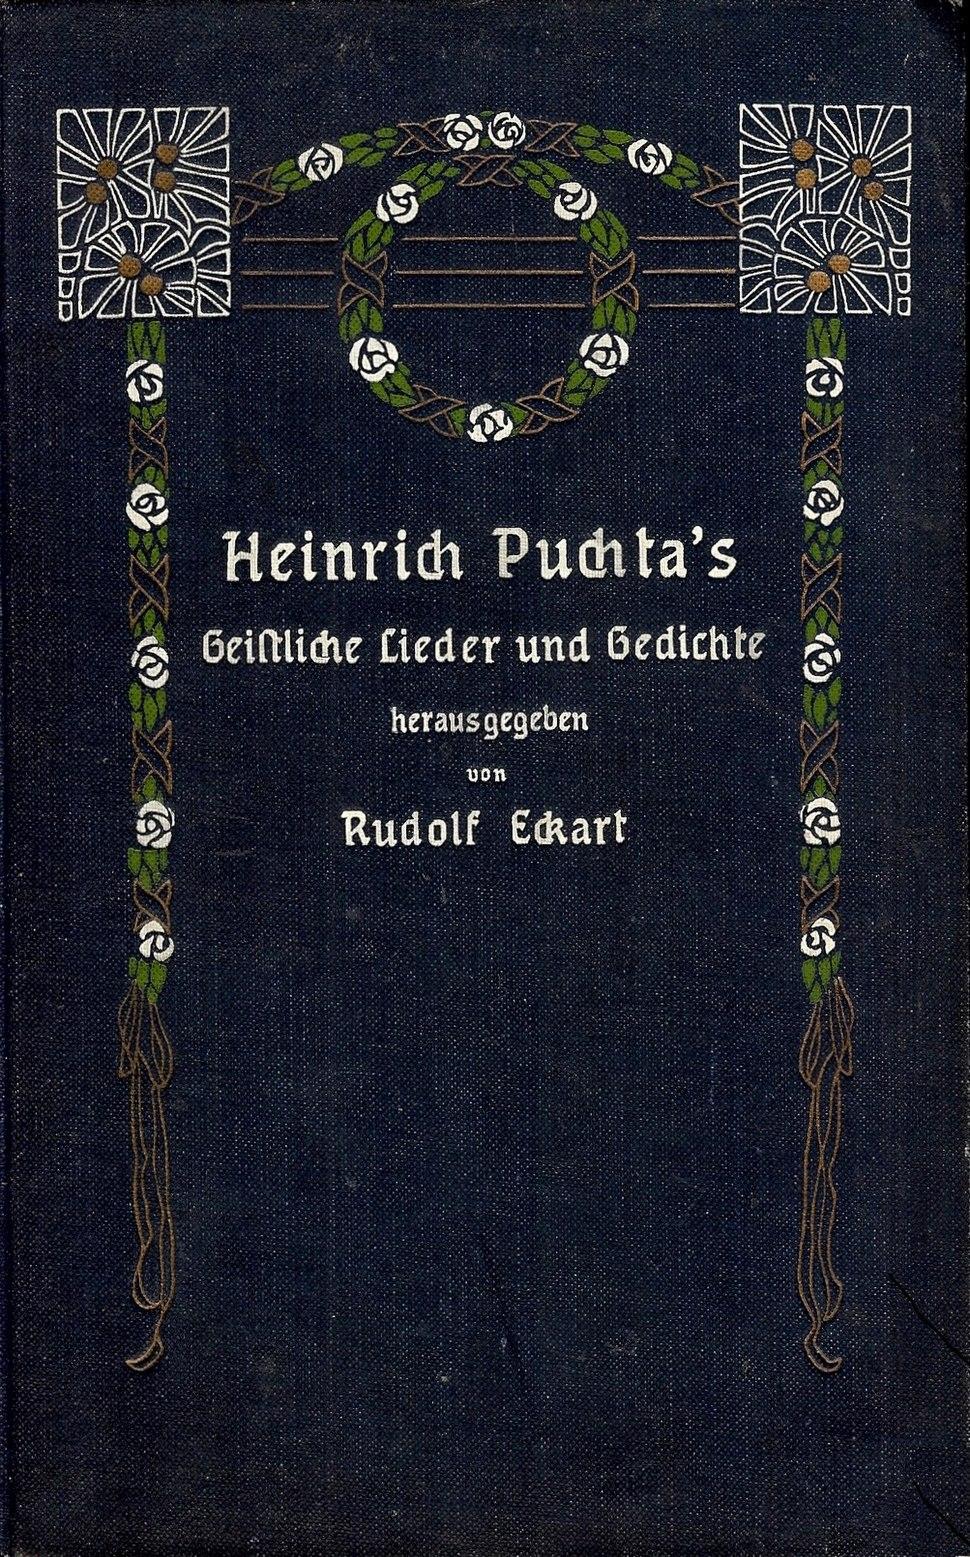 Heinrich Puchtas - Geistliche Lieder und Gedichte, Ansbach, 1908